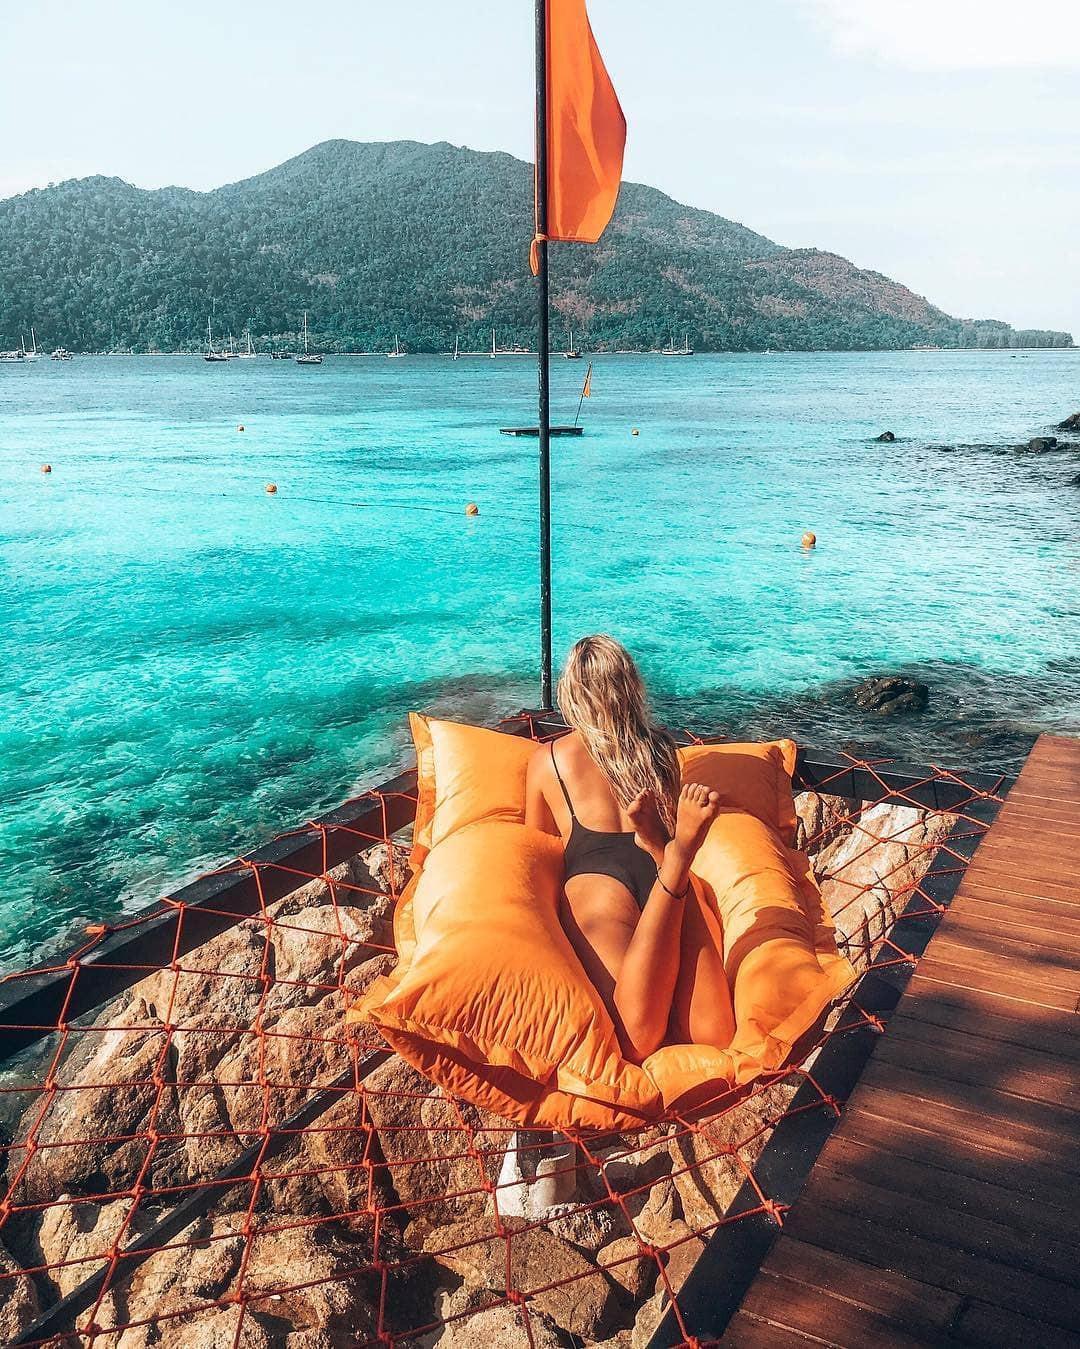 Khám phá những hòn đảo đẹp không lối về ở Thái Lan - Ảnh 13.